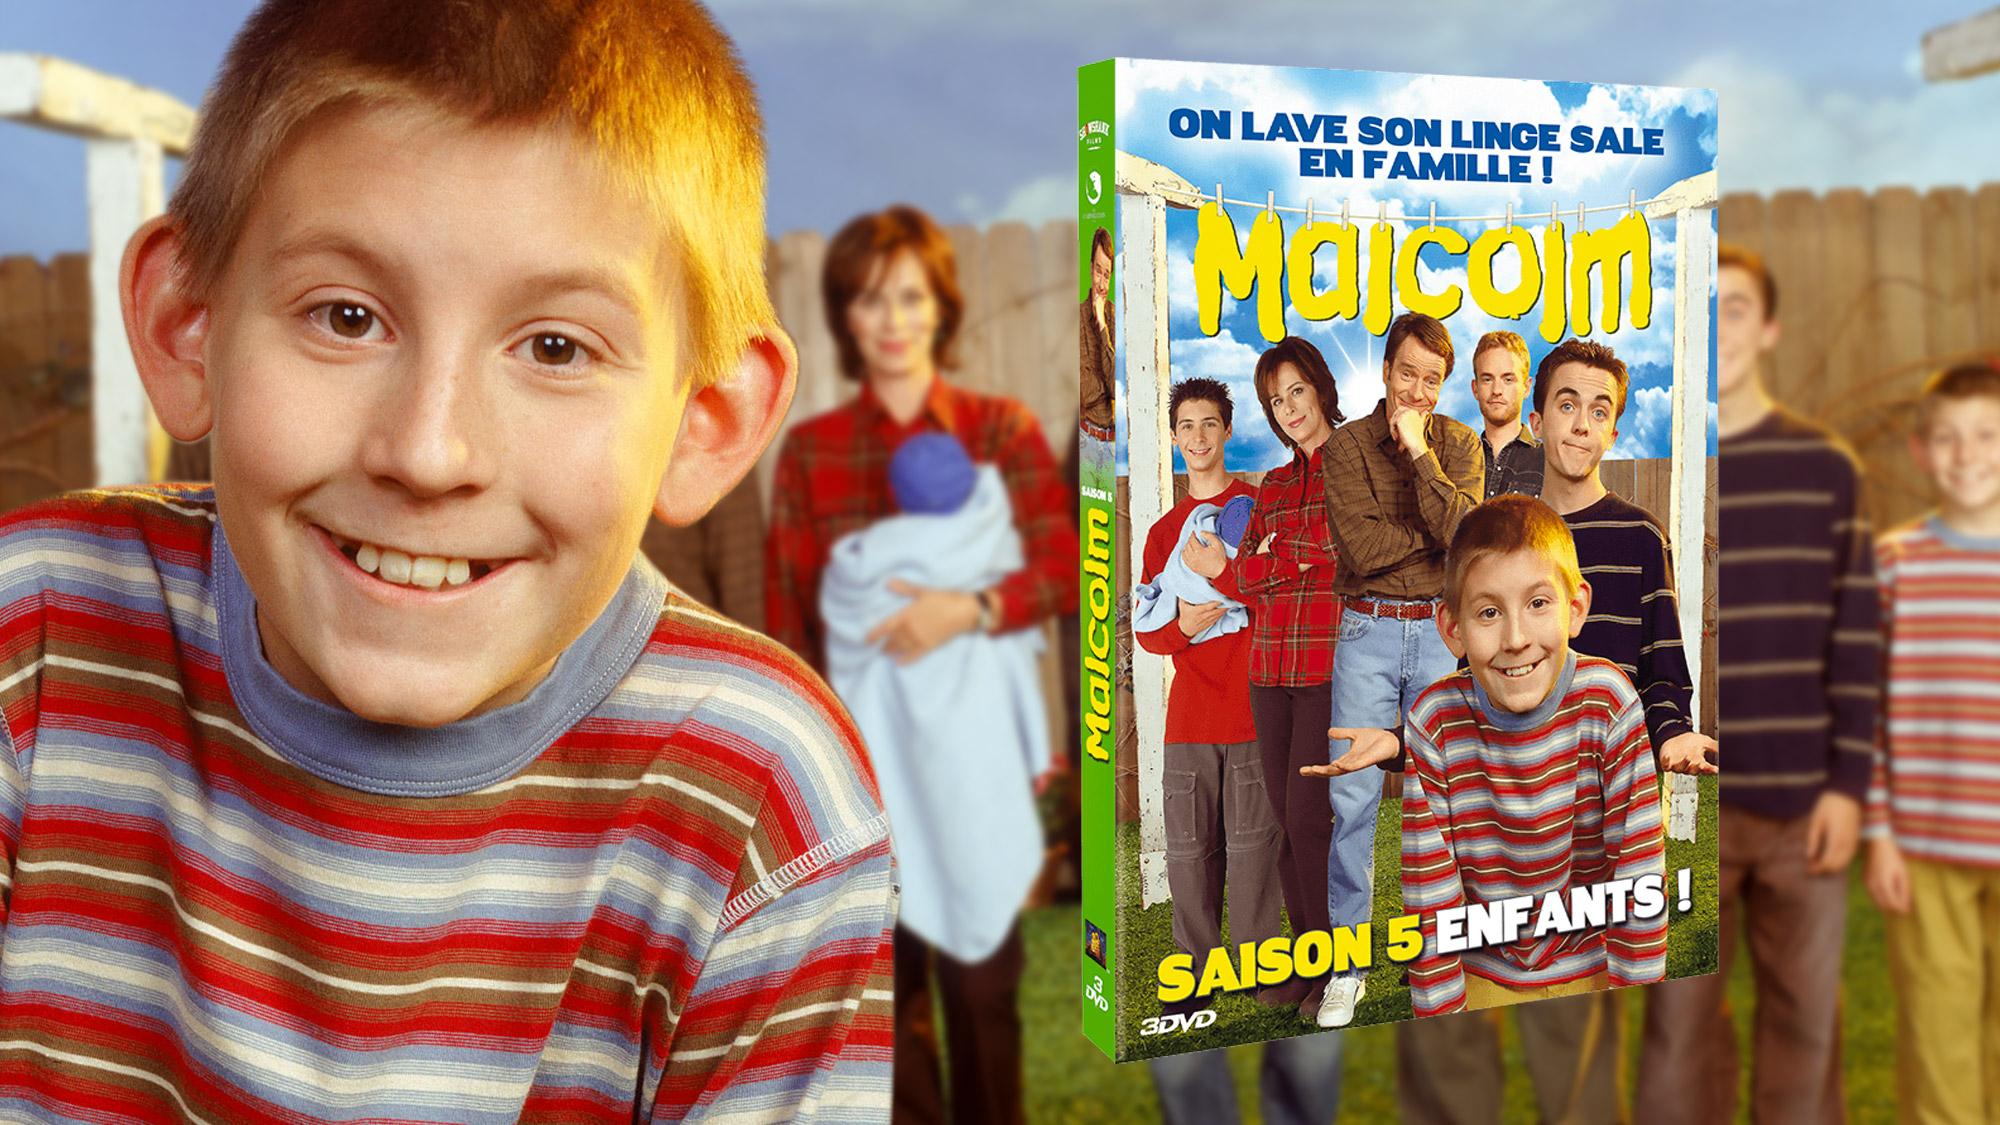 Saison 5 de <em>Malcolm</em> en DVD : le test